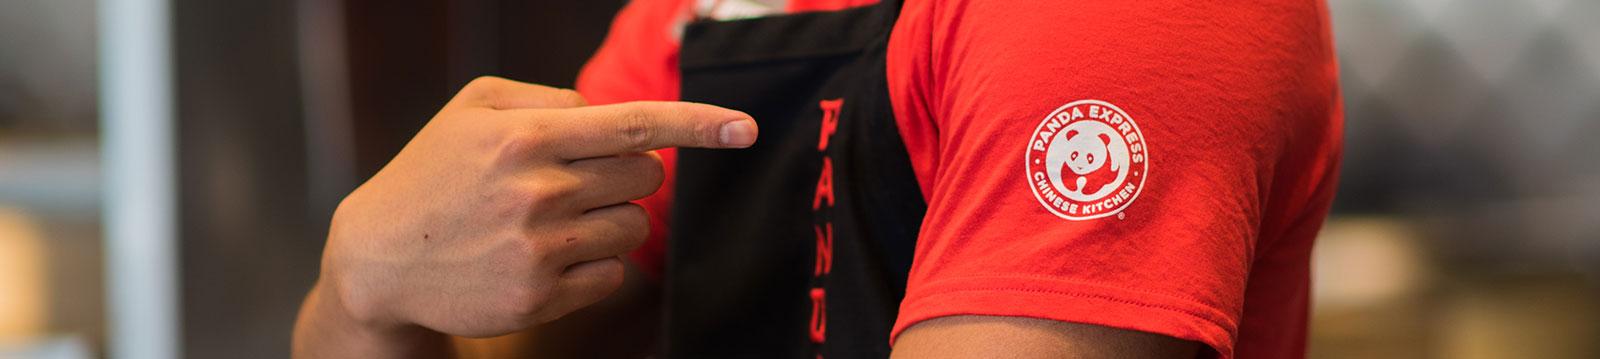 Panda employee pointing to logo